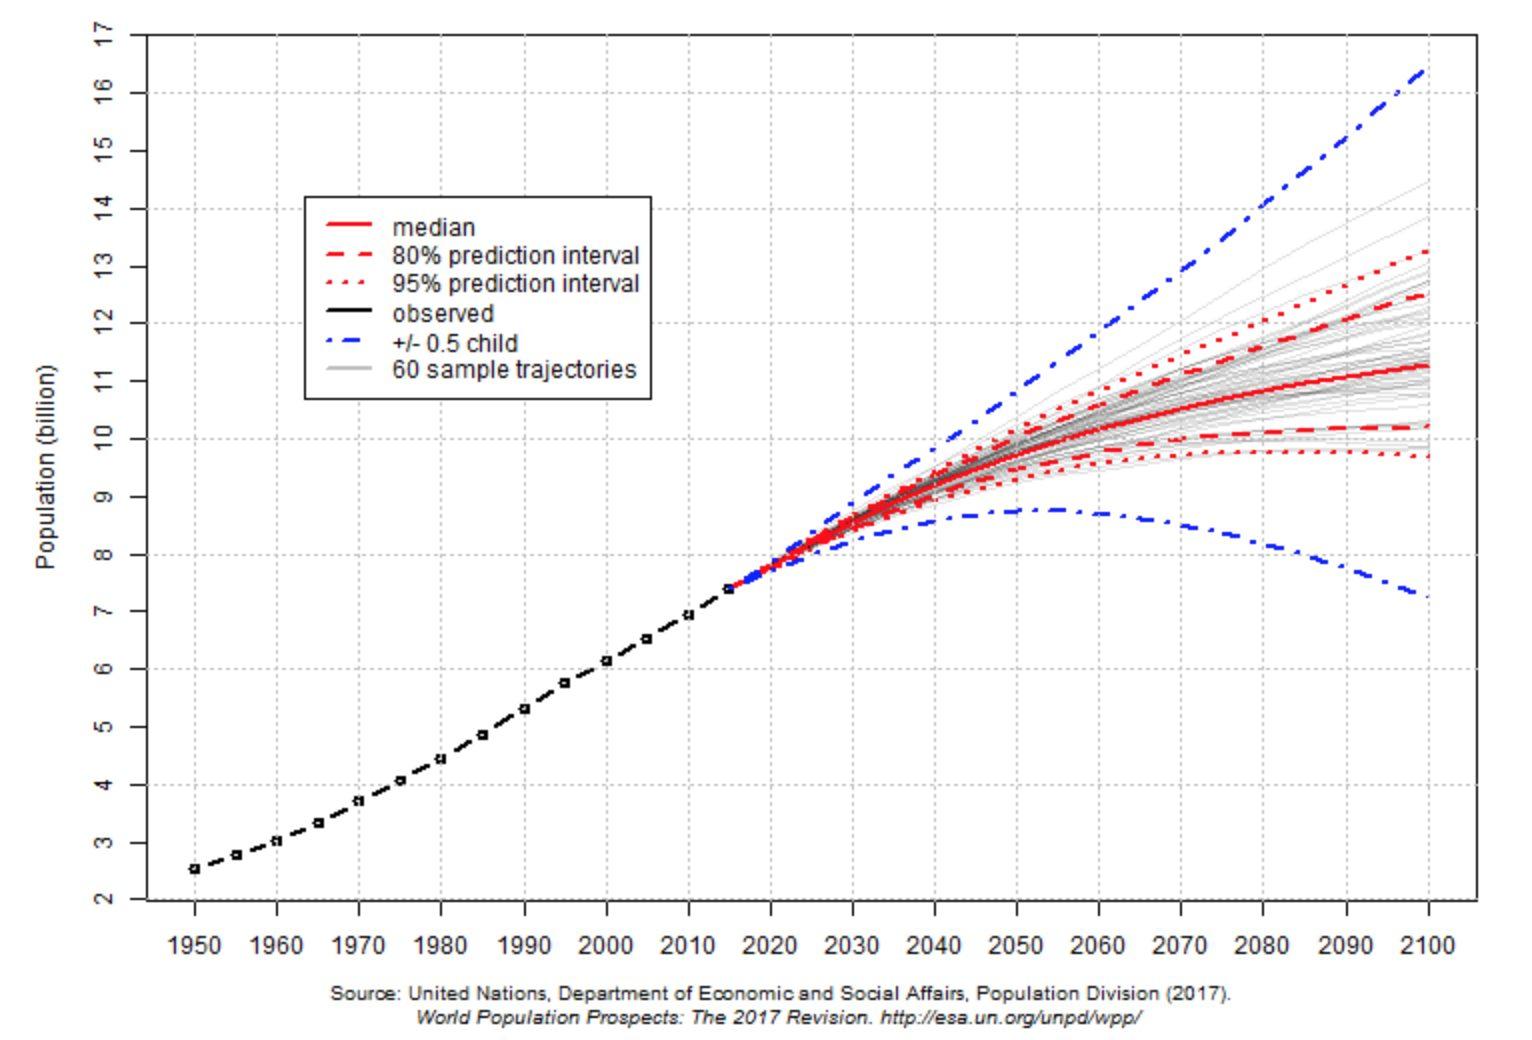 So entwickelt sich laut Prognose die Weltbevölkerung bis ins Jahr 2100. Die rote durchgezogene Linie zeigt den Trend: Zum Ende des Jahrhunderts flacht das Wachstum ab. Rot gestrichelt: Werte mit 80 prozentiger Sicherheit. Rot gepunktet: Werte mit 95 prozentiger Sicherheit.